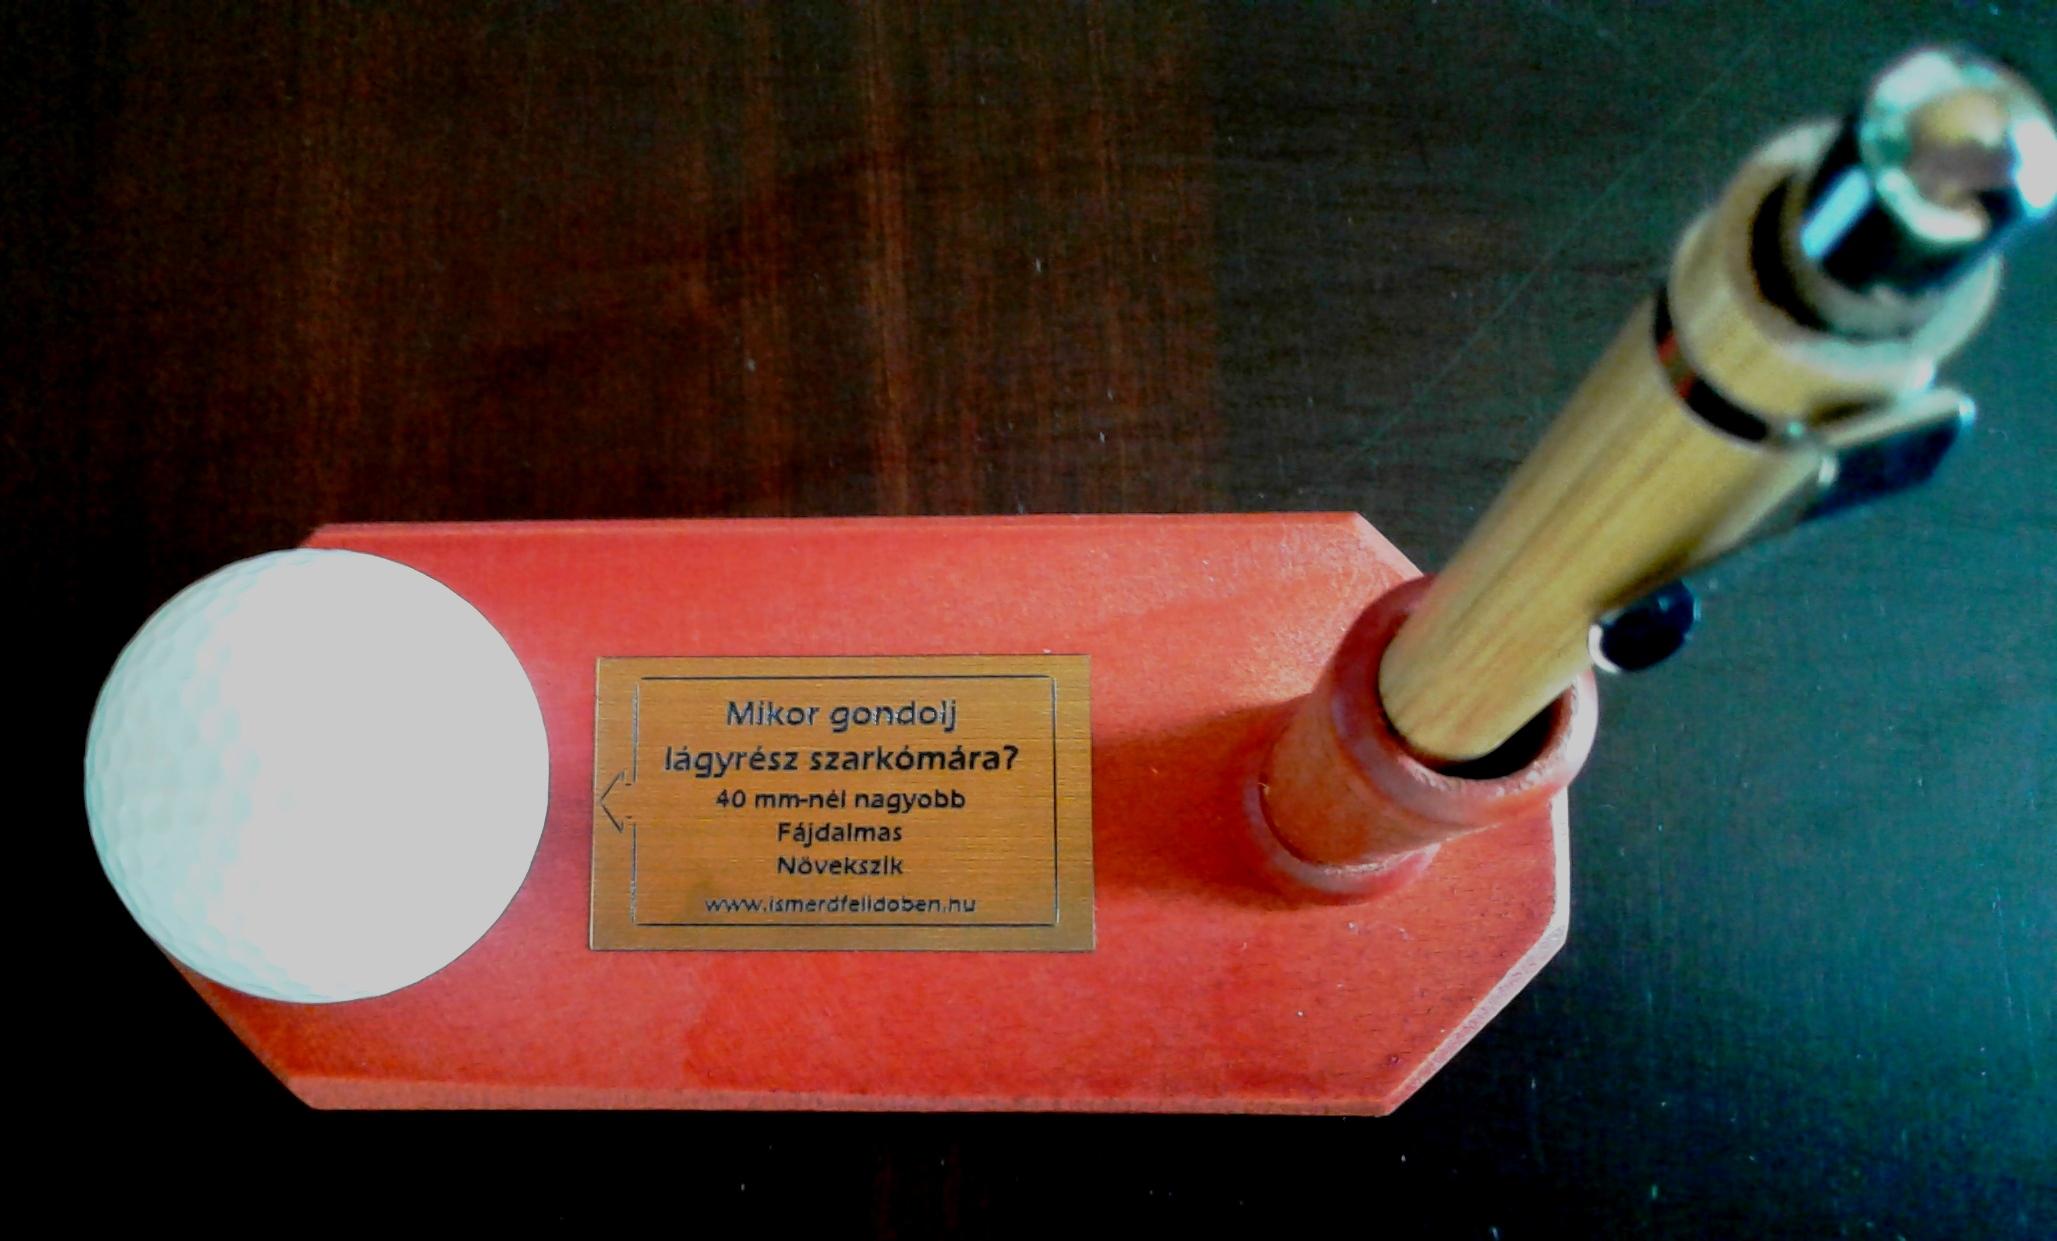 lágyrész szarkóma | Rákgyógyítás